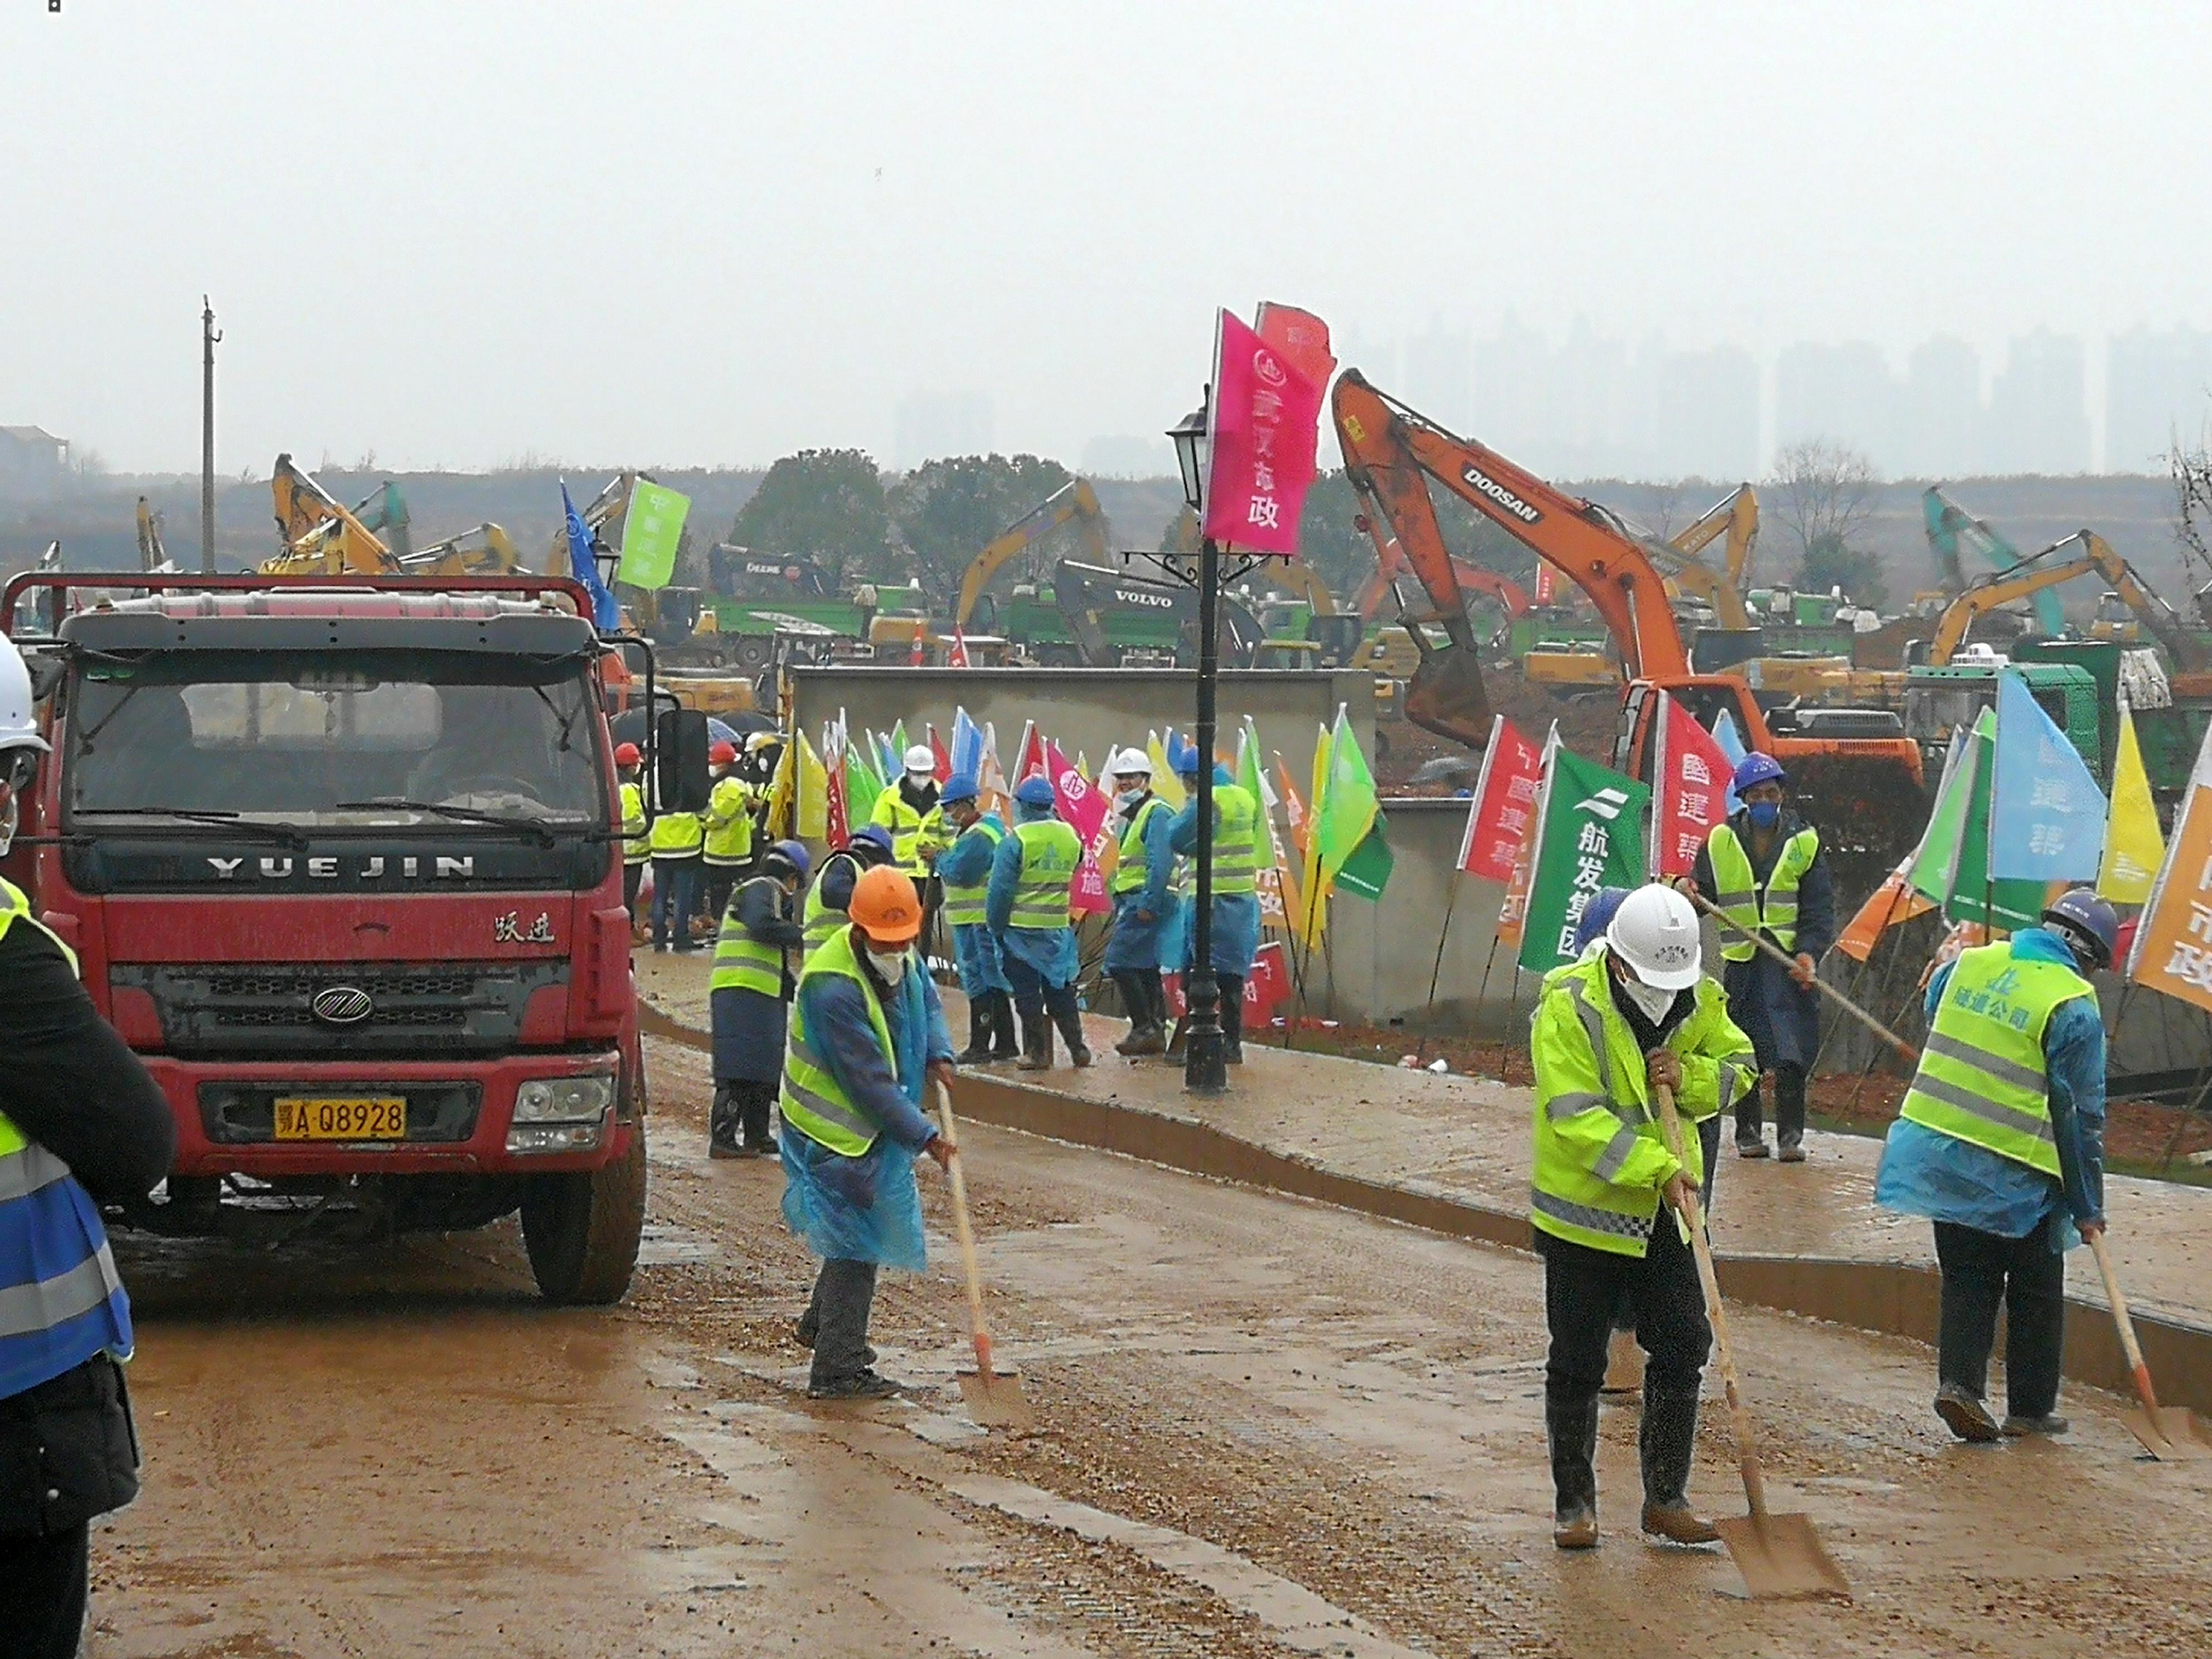 Los trabajadores abren el camino en el sitio de construcción donde se está construyendo el nuevo hospital para tratar a los pacientes de un nuevo coronavirus después del brote y el cierre de la ciudad, en las afueras de Wuhan, China, el 24 de enero de 2020. (Fotografía en video vía REUTERS)